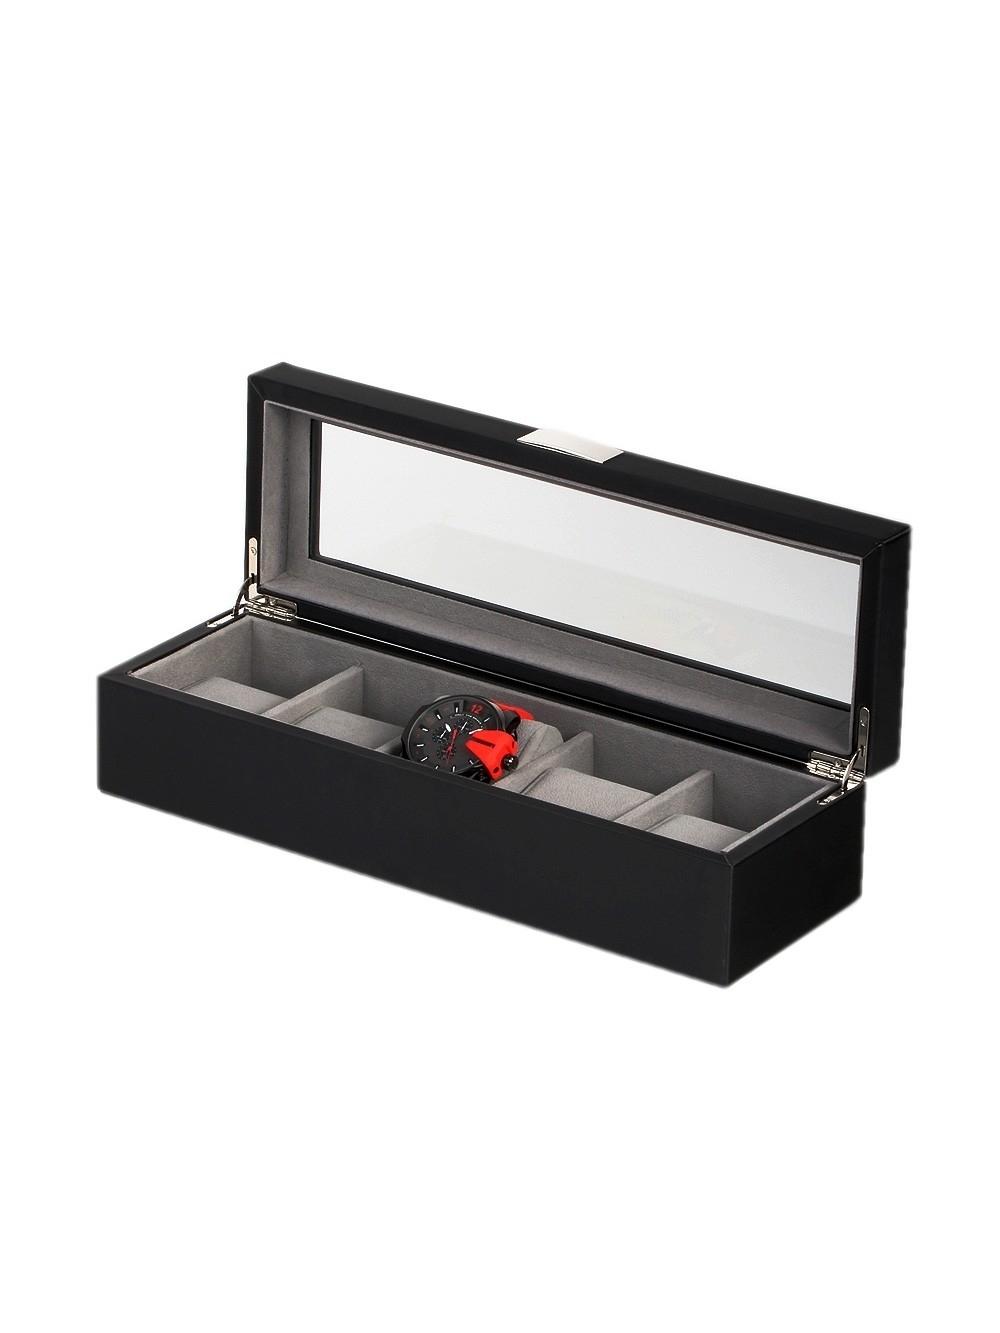 rothenschild uhrenbox rs-3490-5bl für 5 uhren